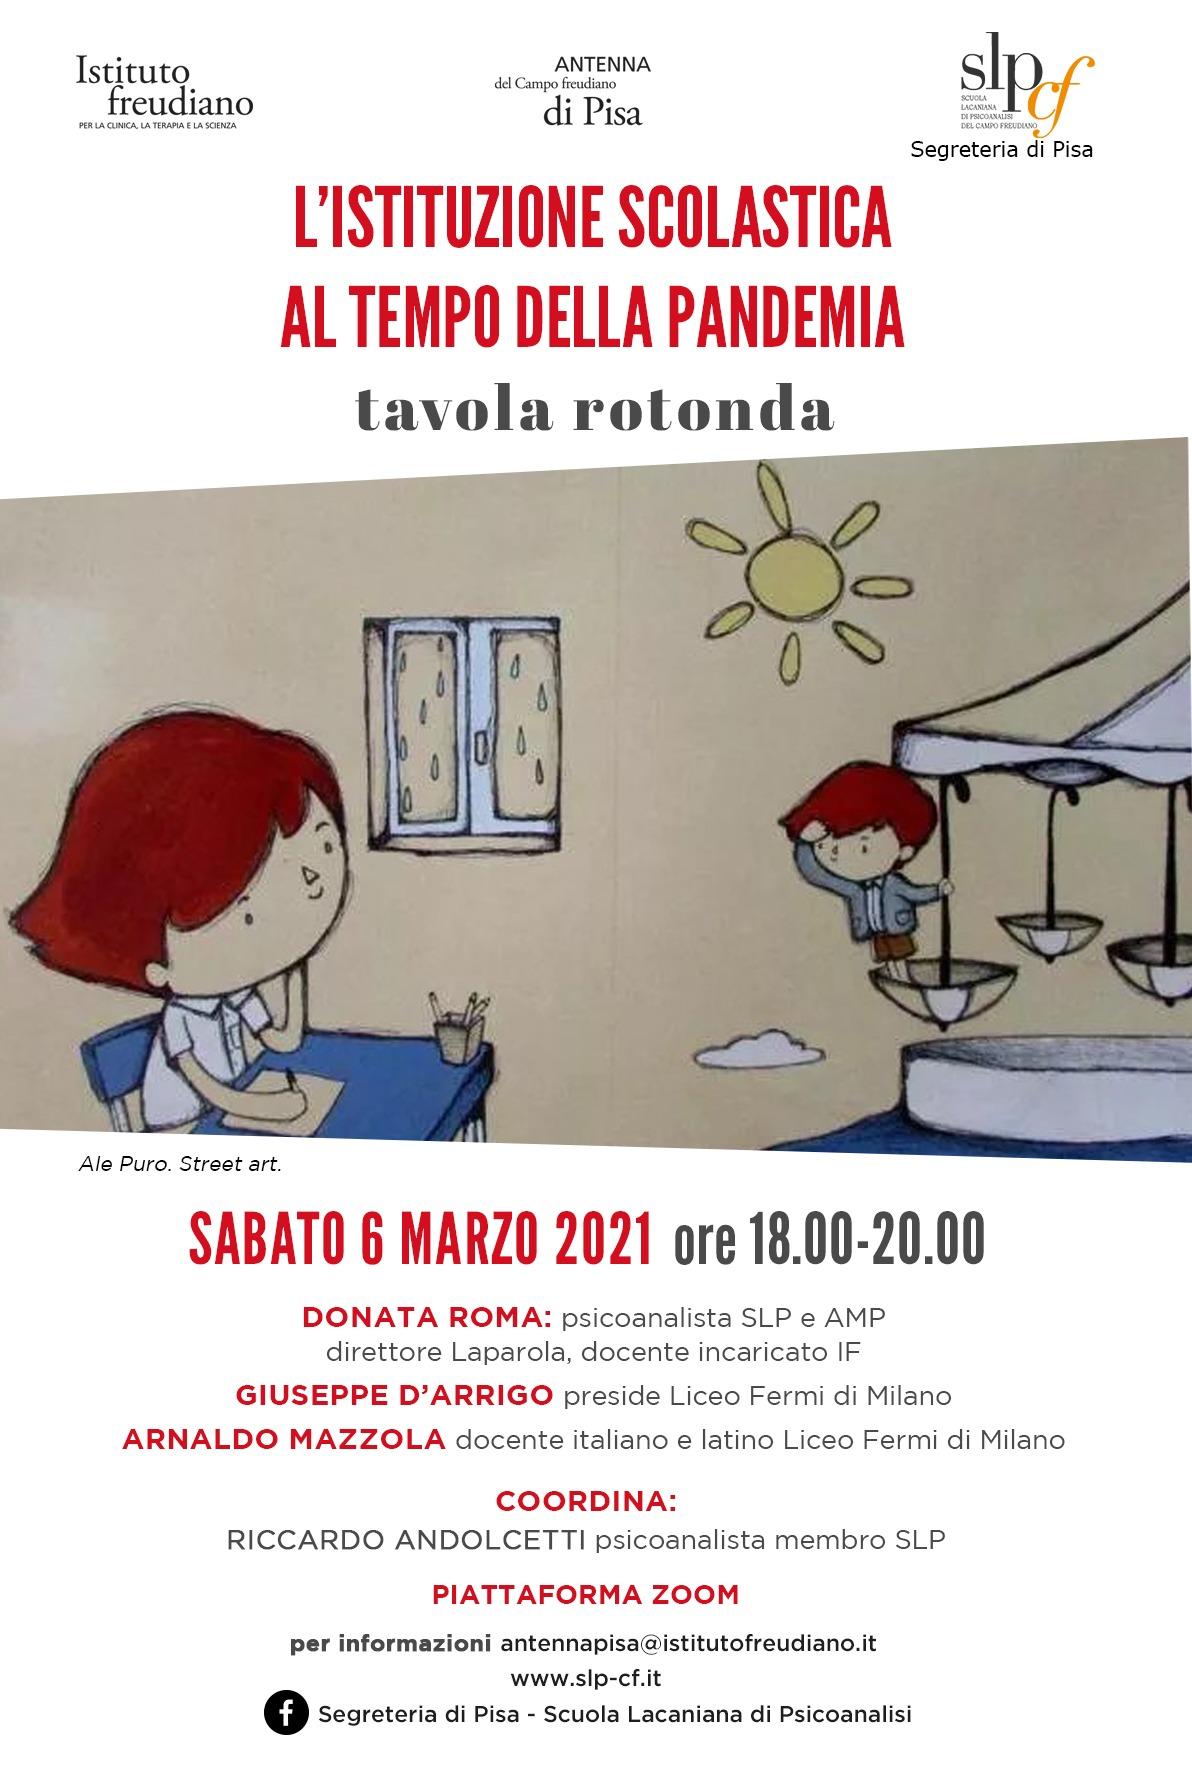 L'istituzione scolastica al tempo della pandemia